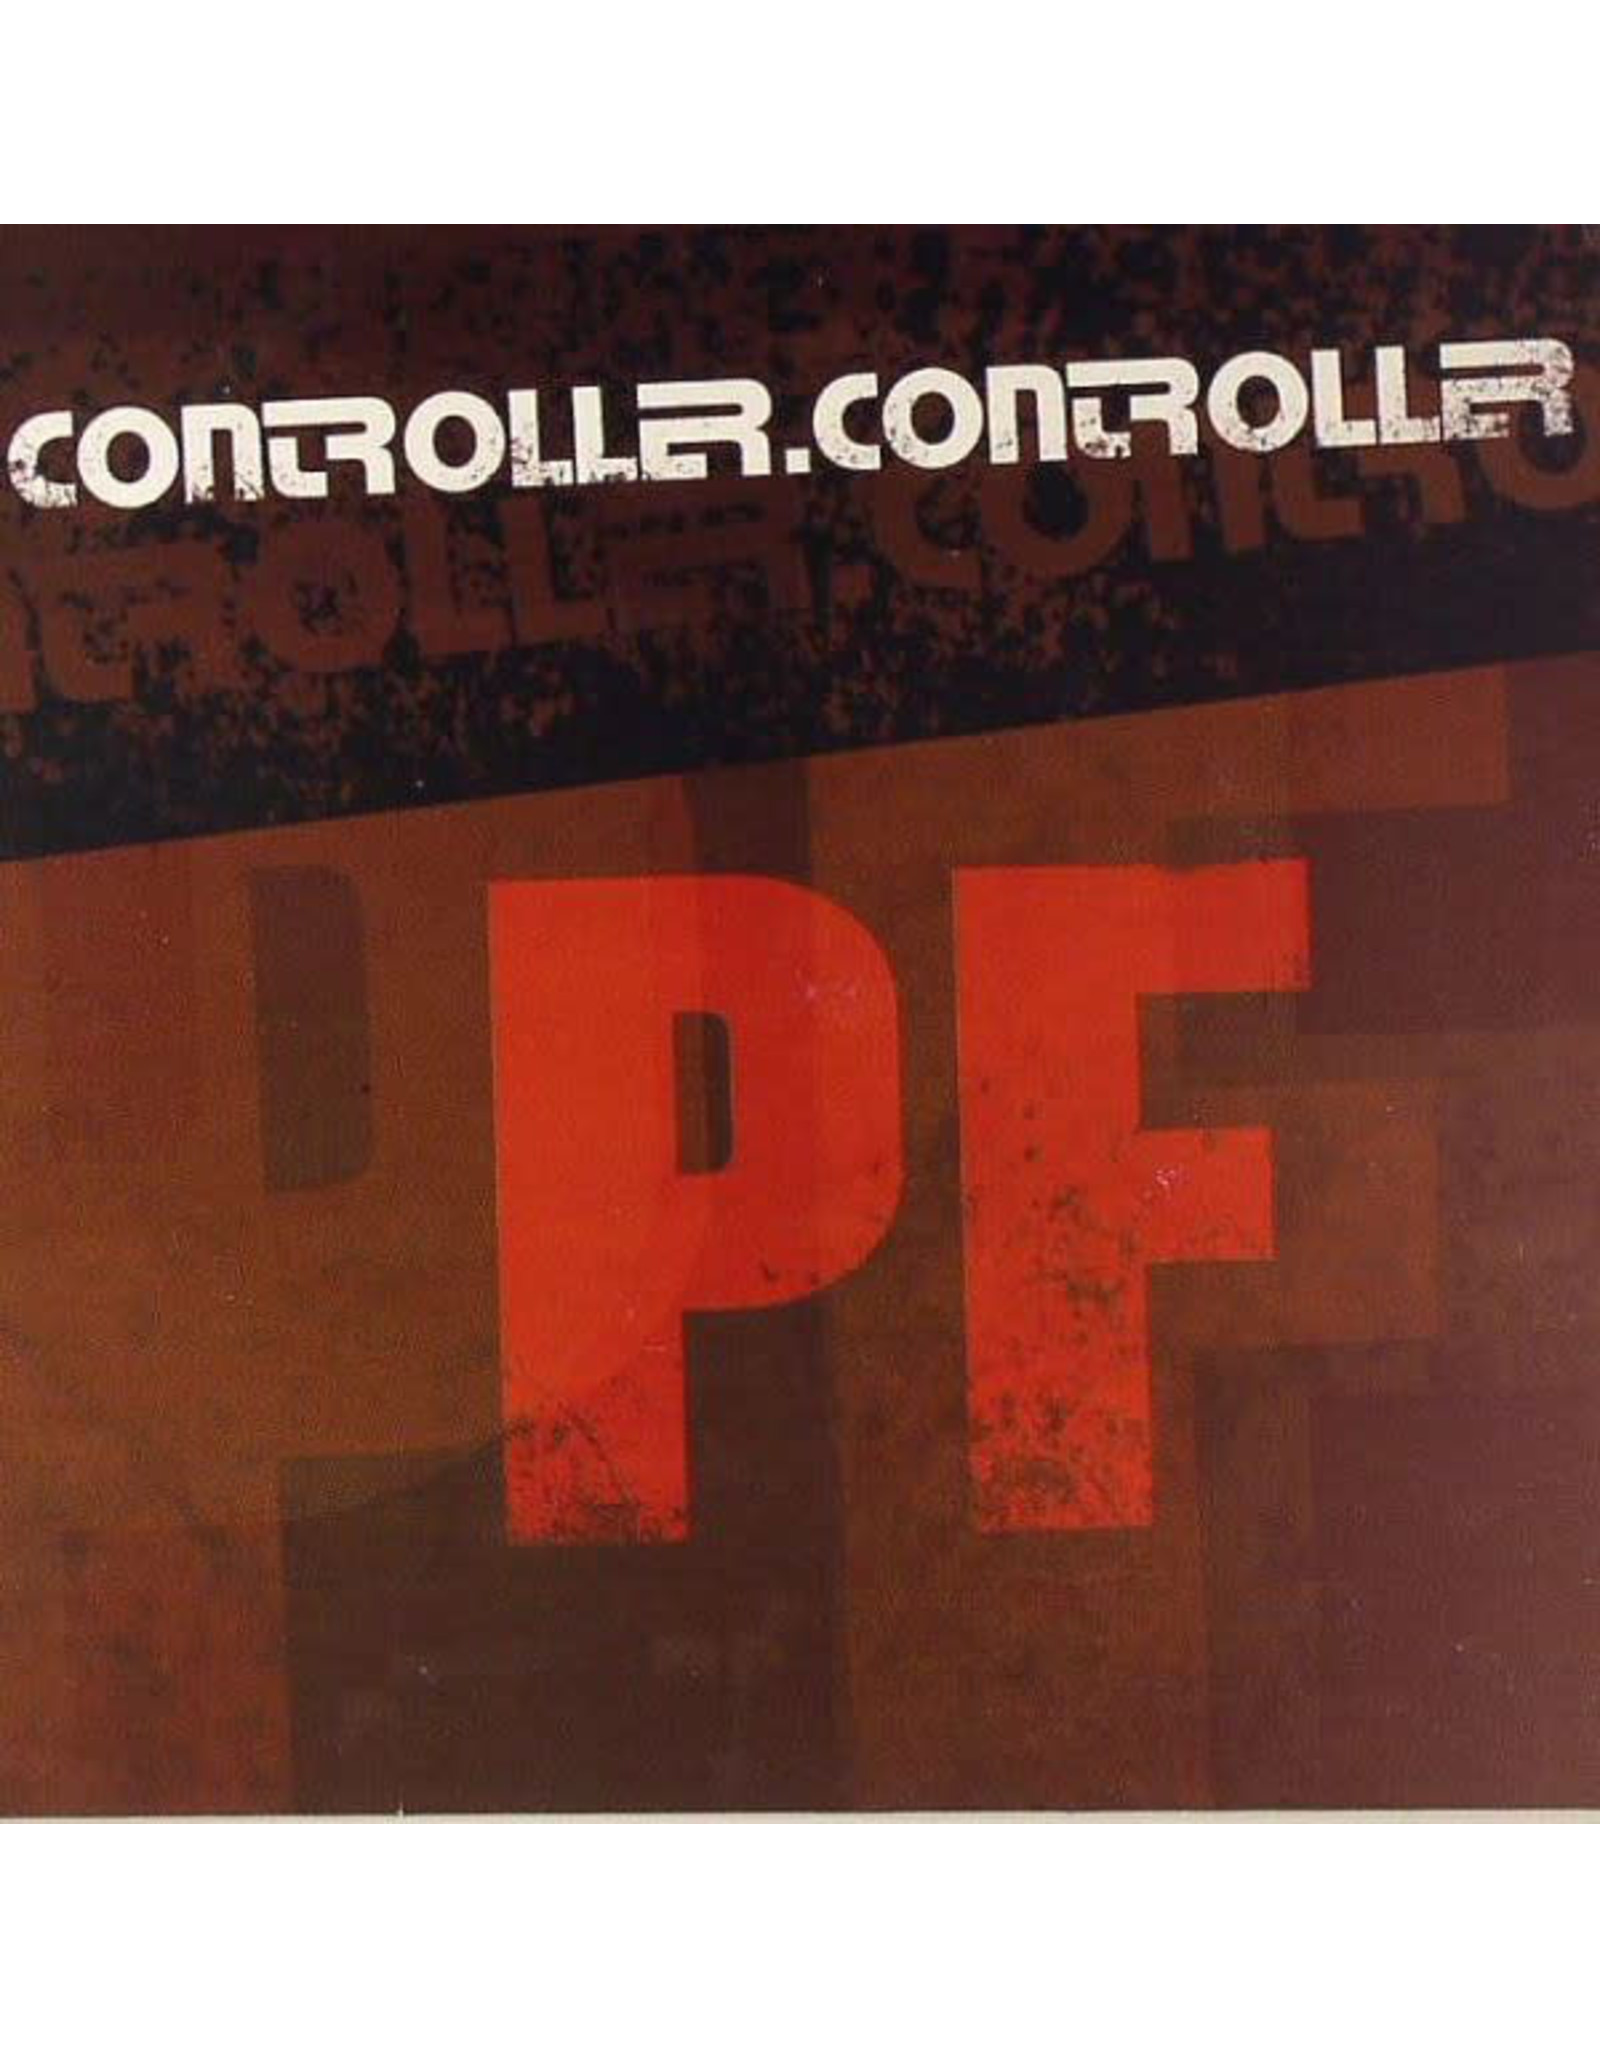 """Controller.Controller - PF 7"""""""